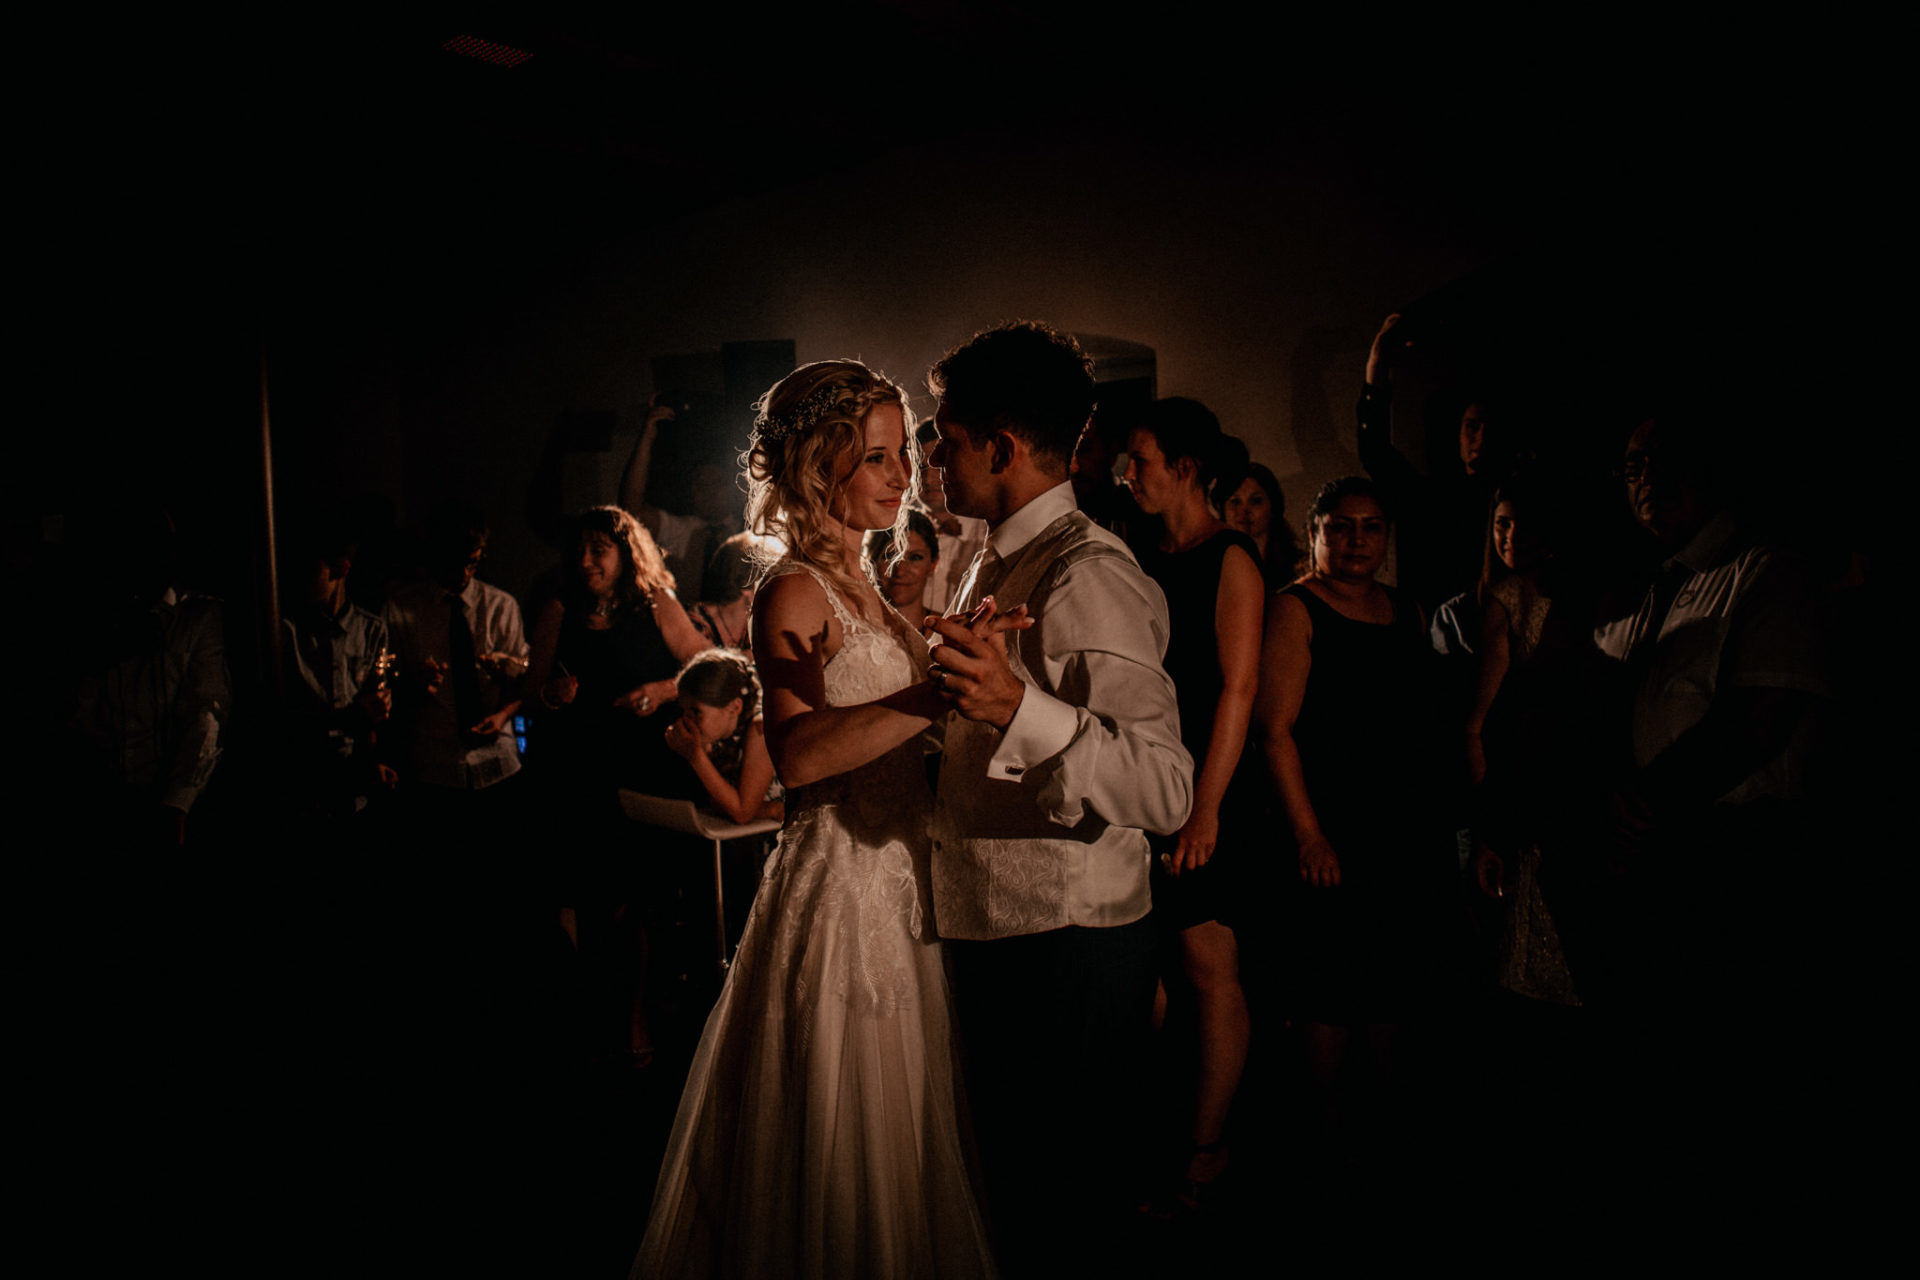 Hochzeitsfotograf Crailsheim-Wasserschloss Erkenbrechtshausen-Sommerhochzeit-Afghanisch-Deutsch-Party